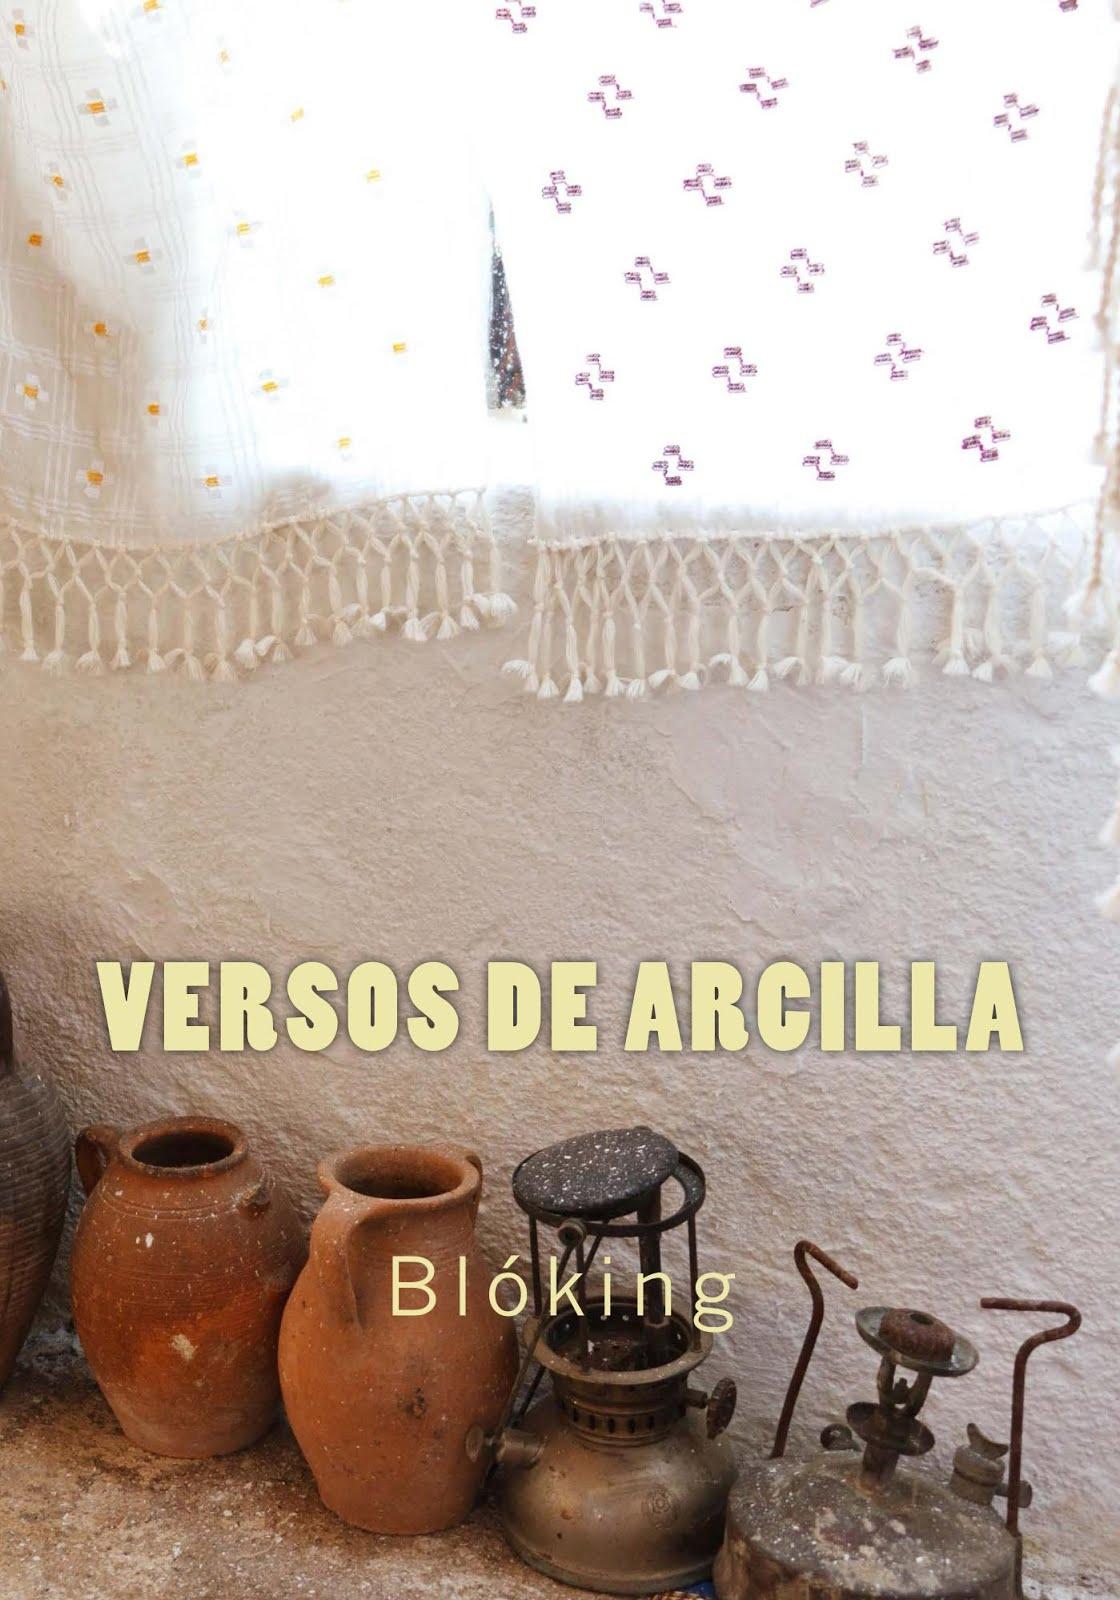 #Obra 32 - Versos de arcilla